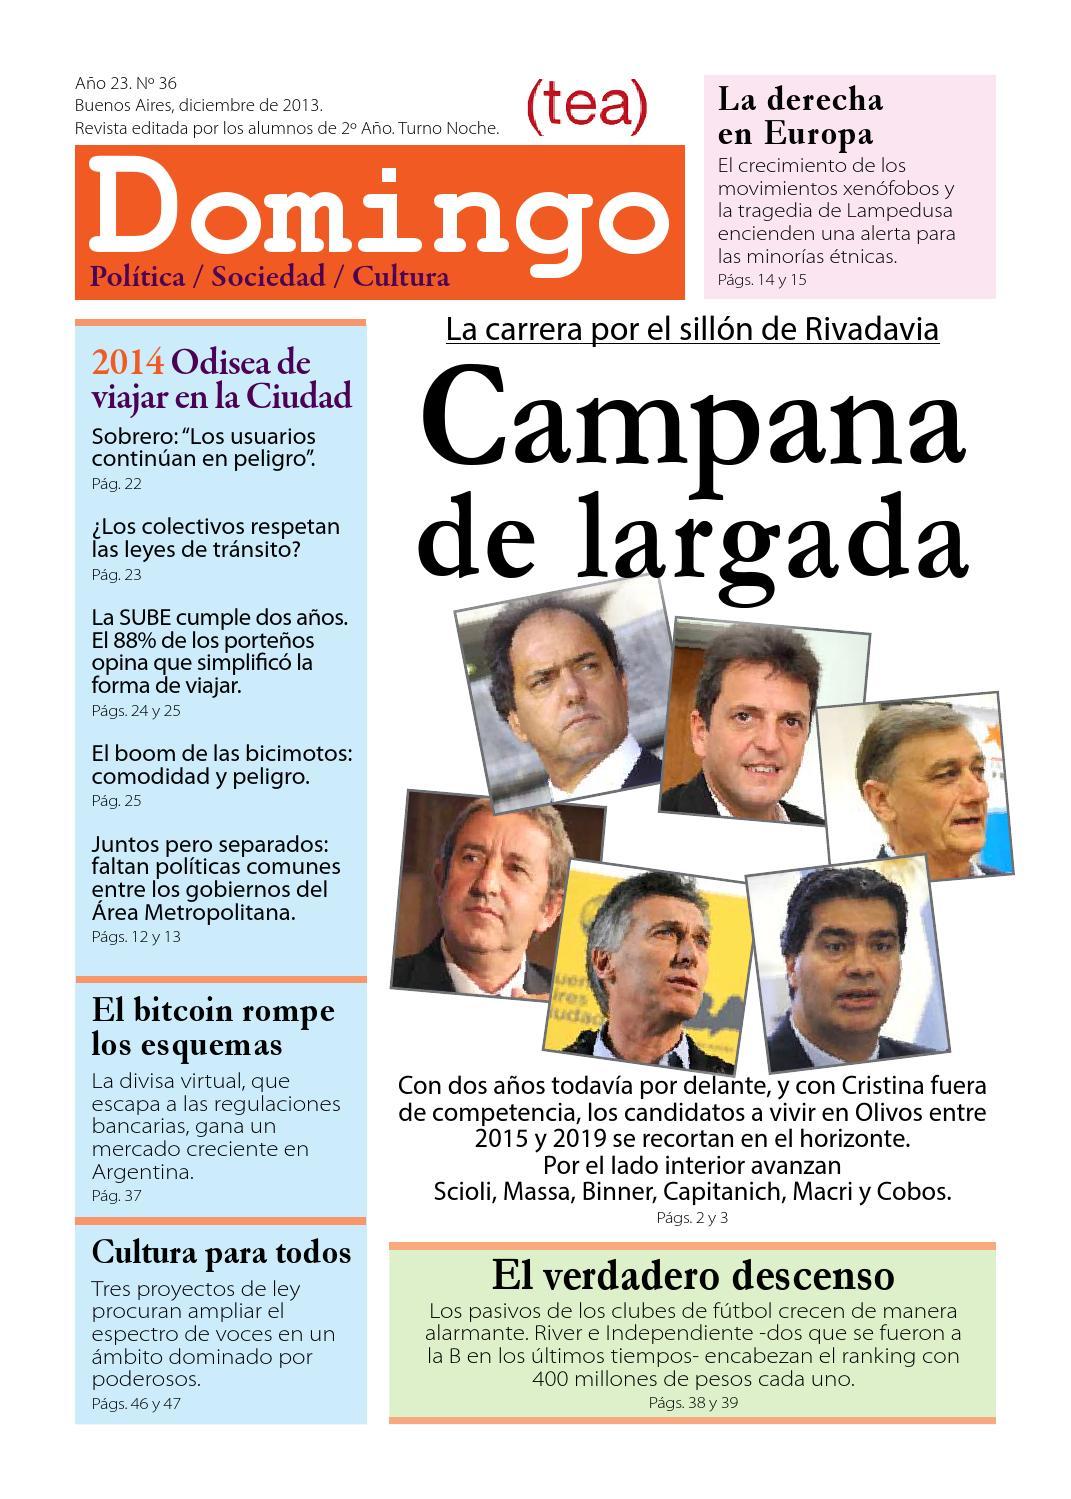 Candela X Y Estudiante Porno domingo - nº 36 - 2013 - (tea)tea y deportea - issuu